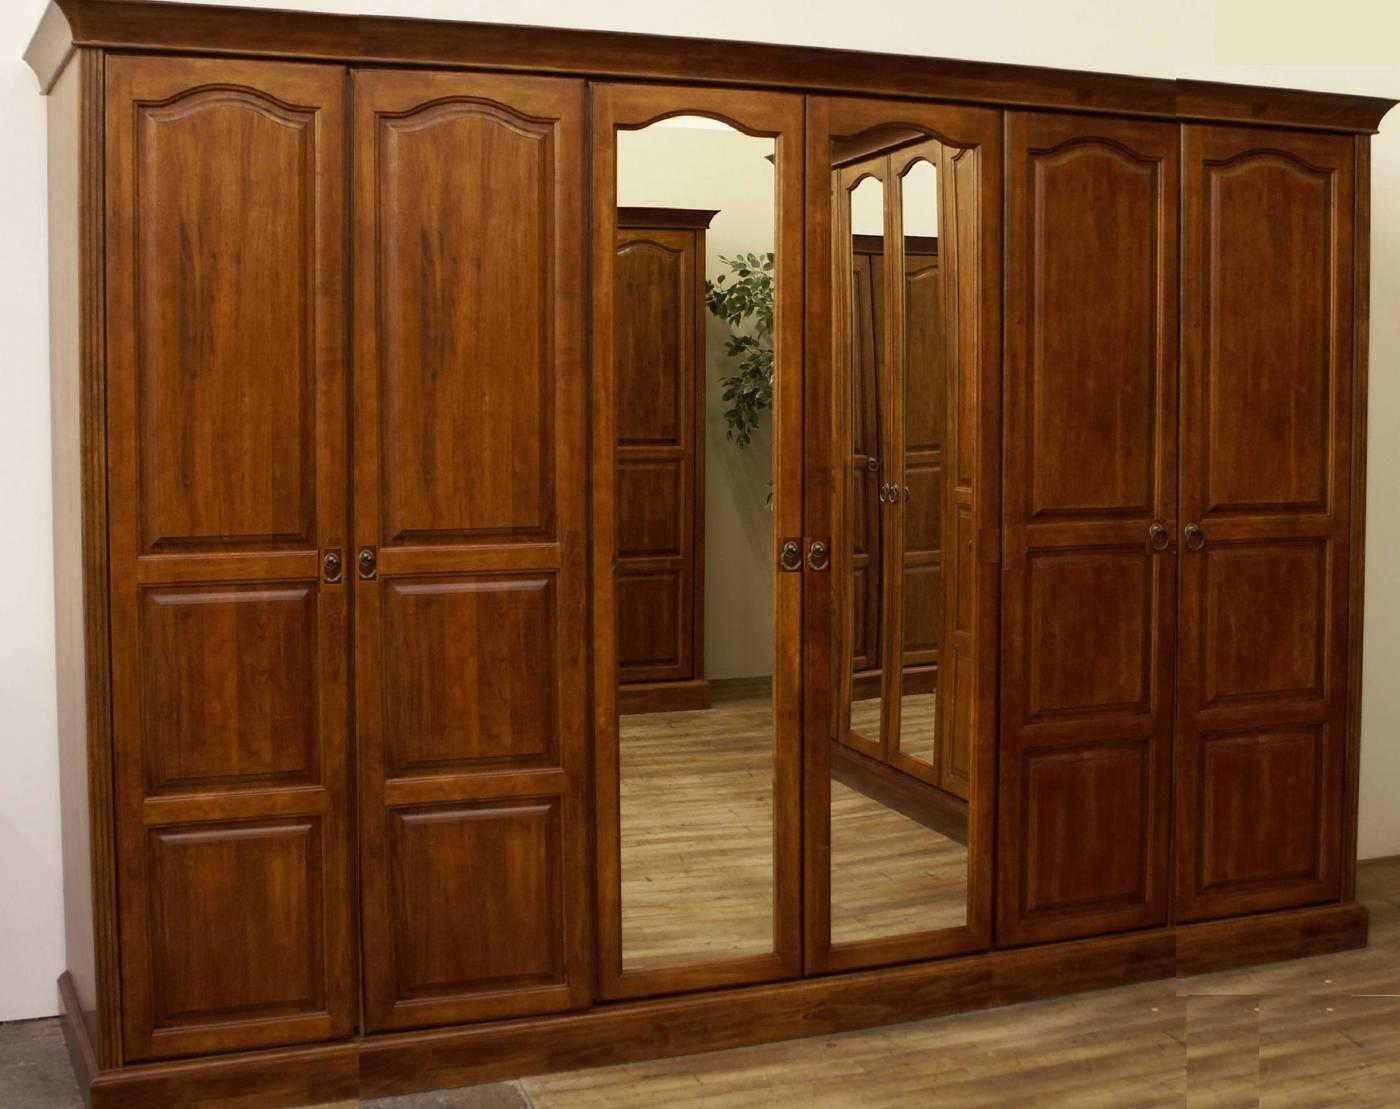 Heirloom Bedroom Furniture From The Bedroom Shop Ltd   Online within 6 Door Wardrobes Bedroom Furniture (Image 9 of 15)